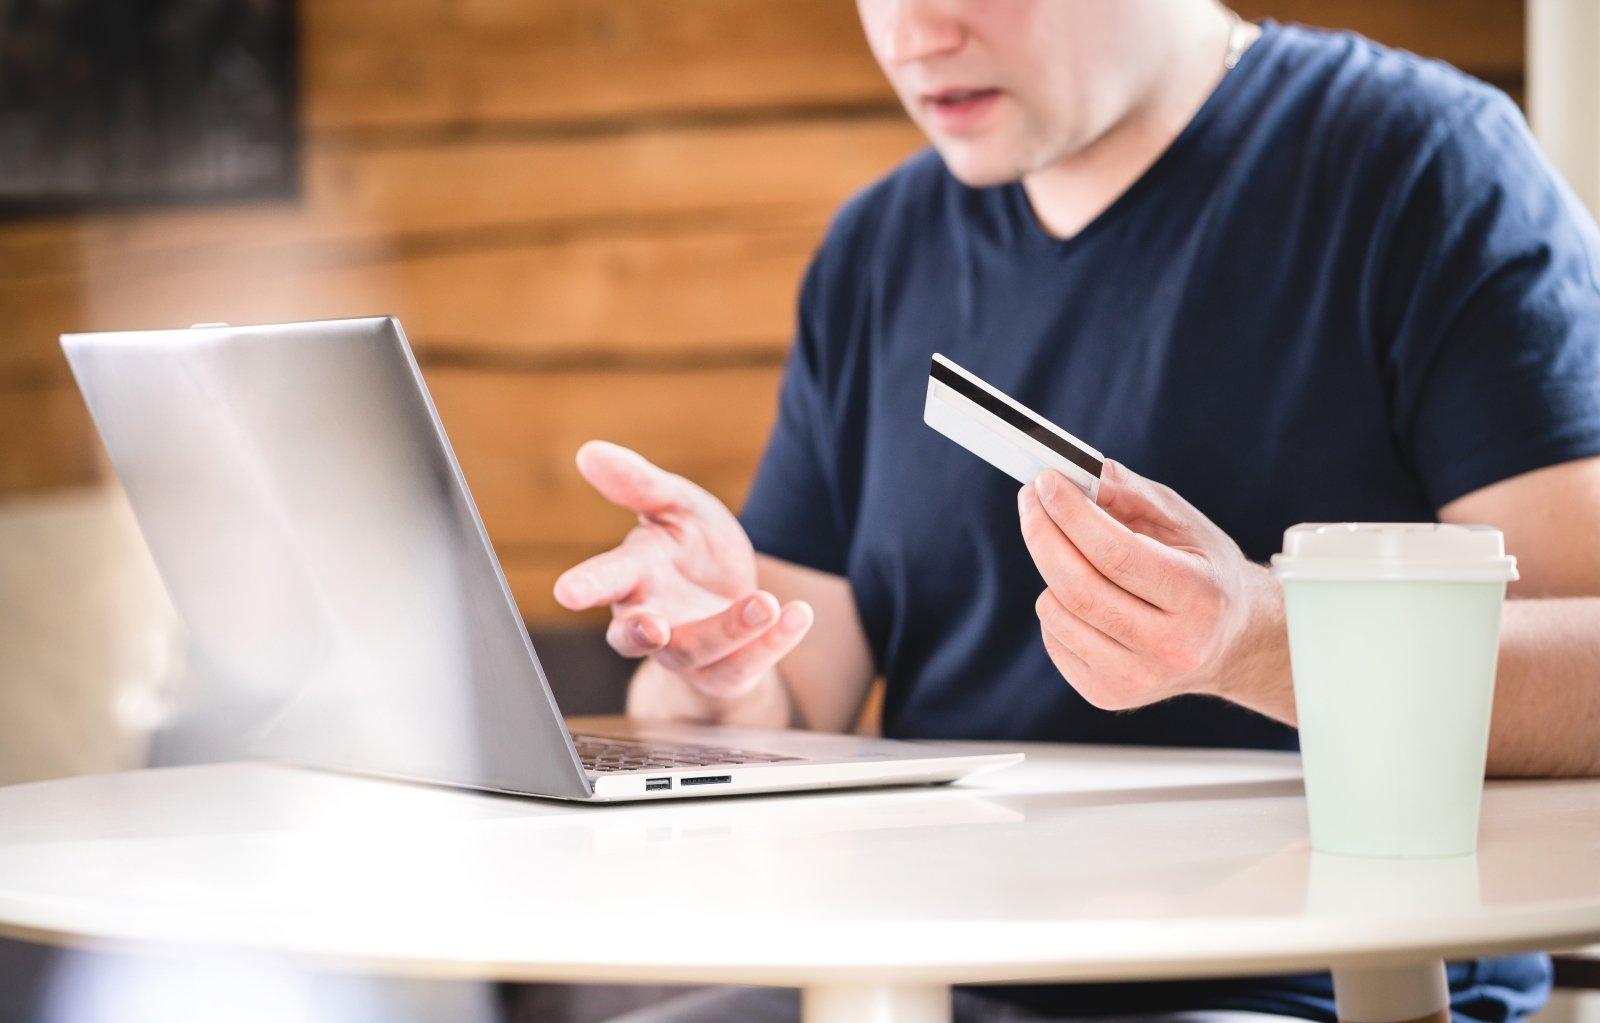 Kaip rasti pinigų internetu be investicijų